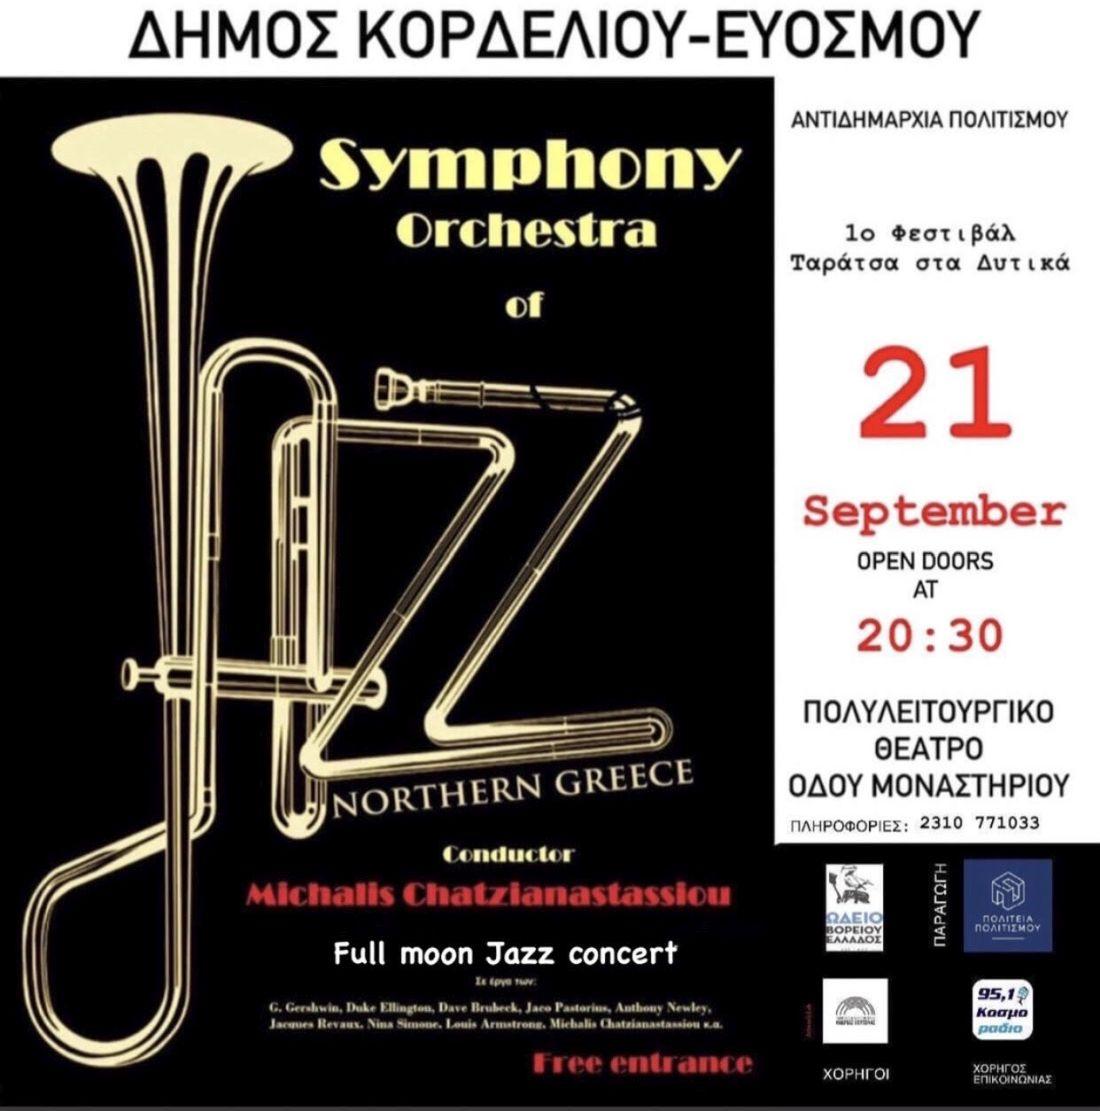 Δήμος Κορδελιού Ευόσμου jazz